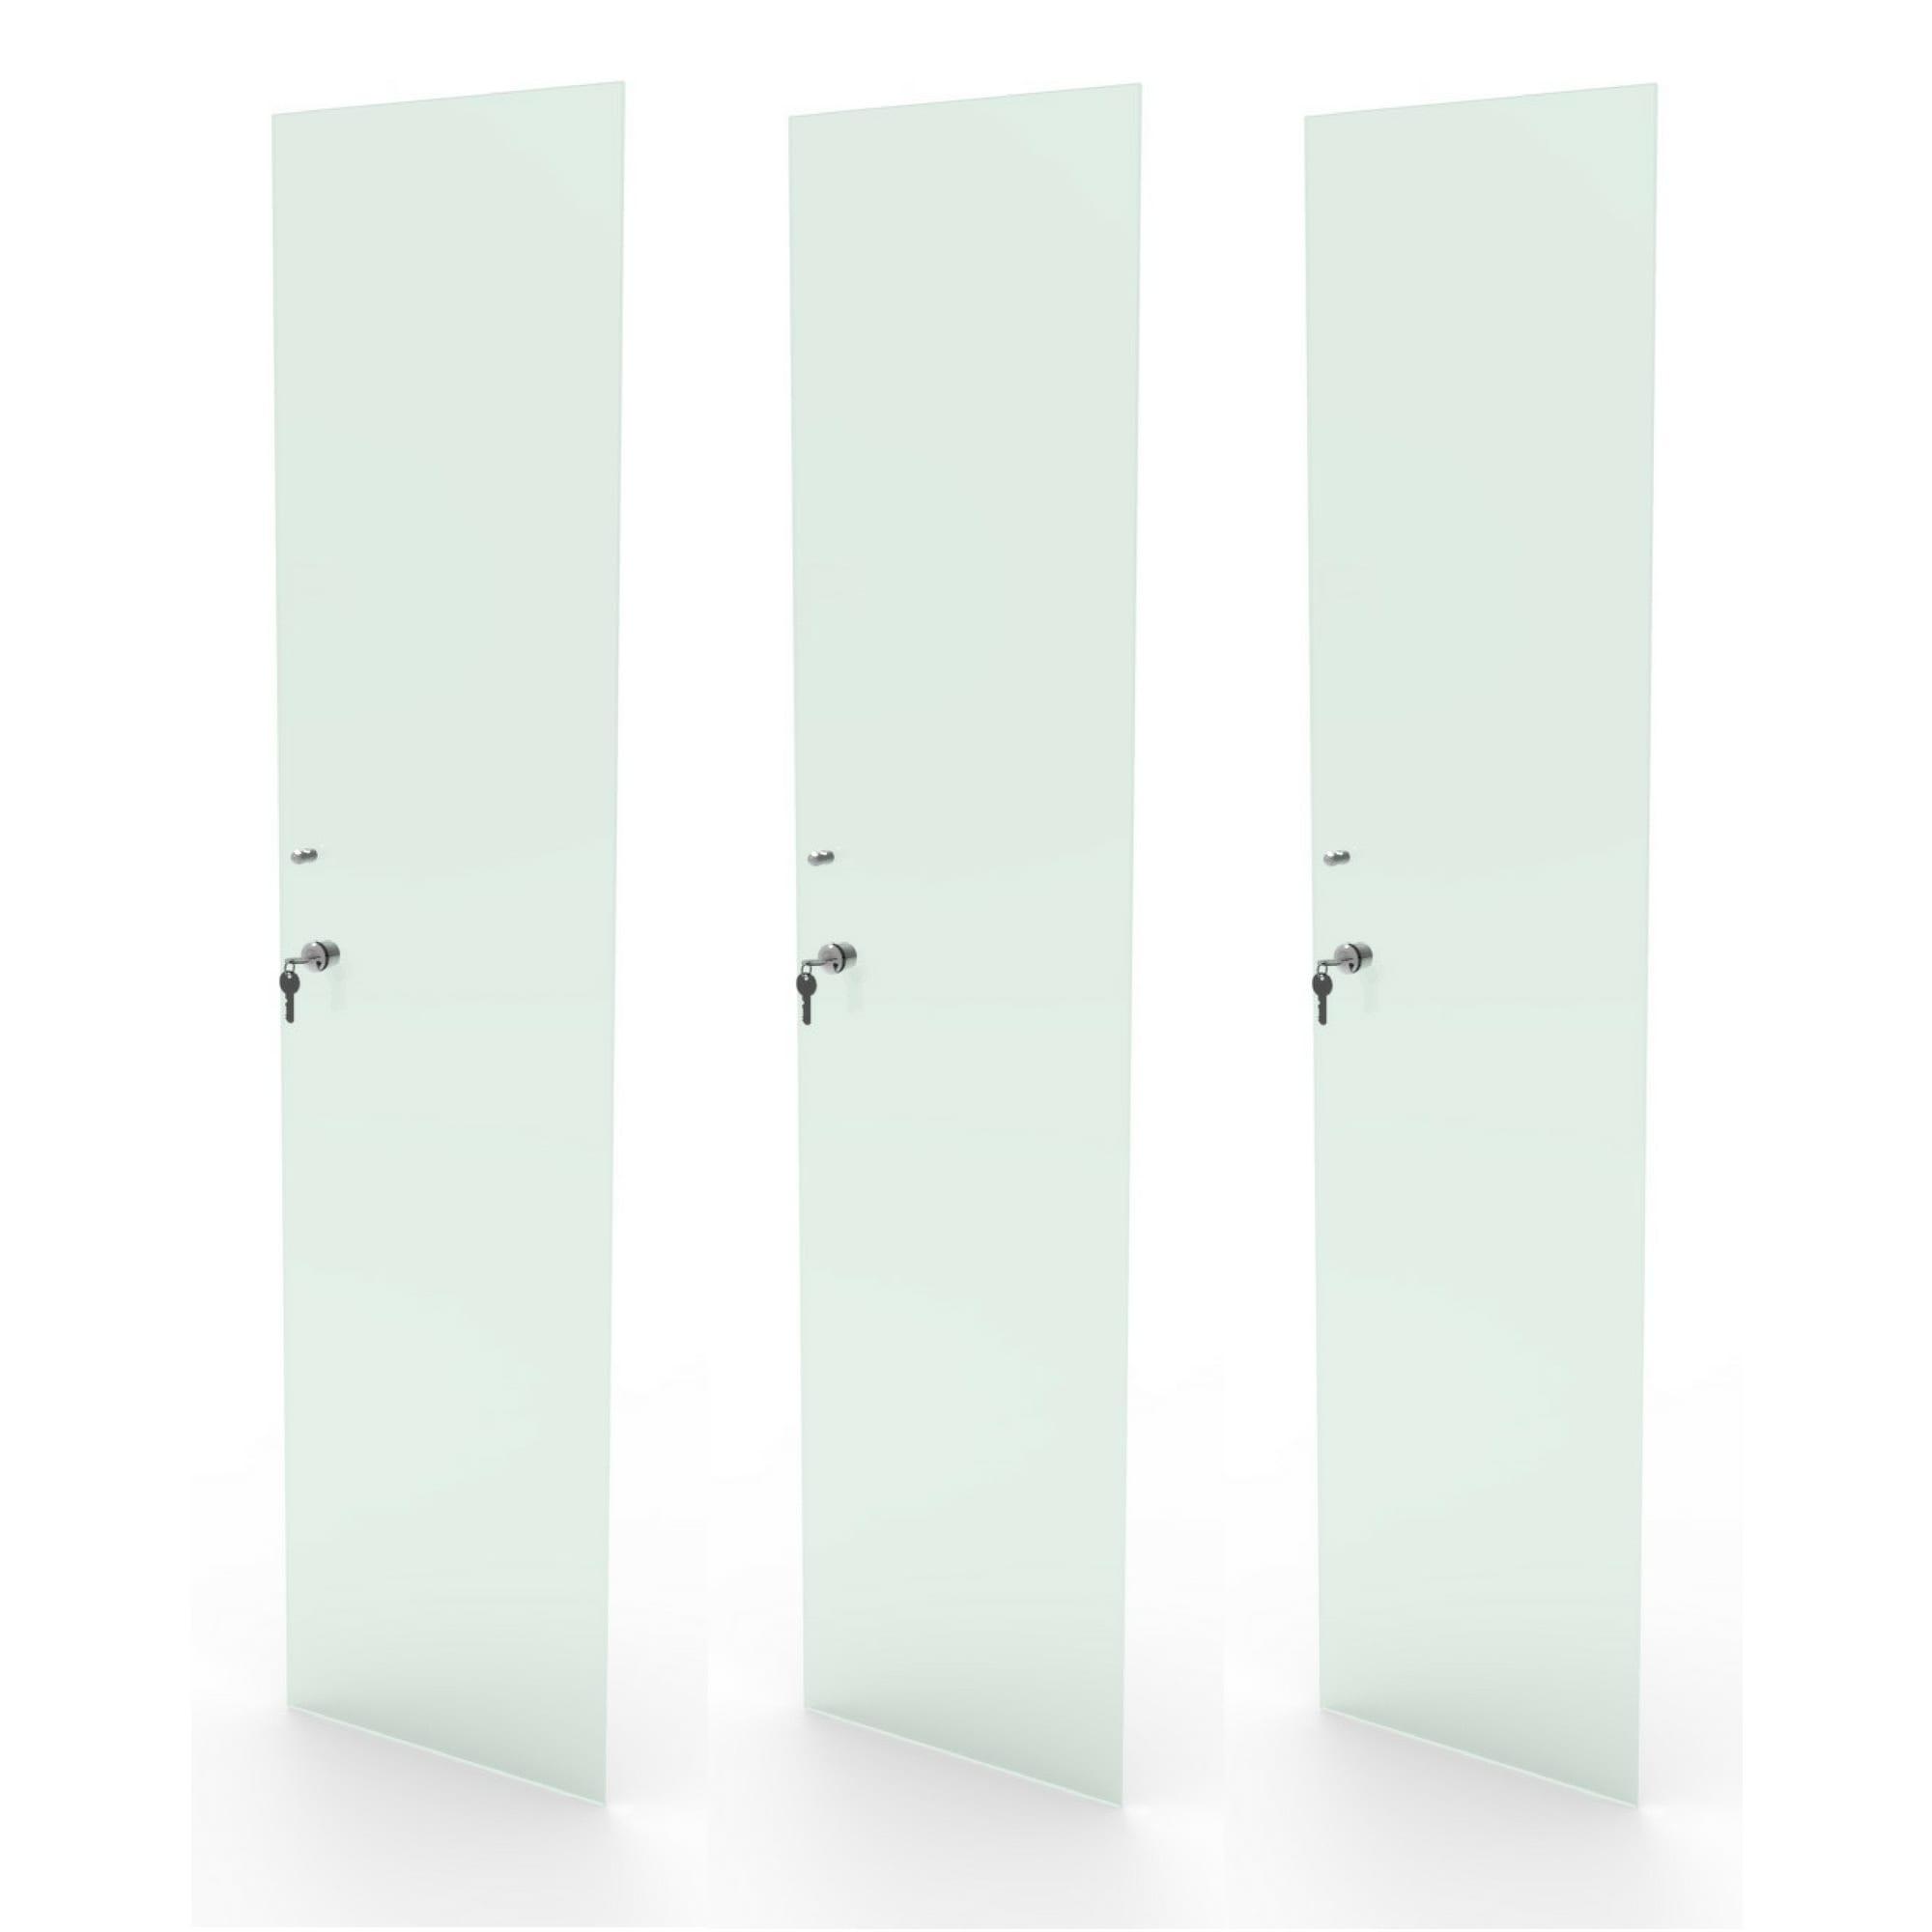 Kit 3 portas de vidro incolor com chave para estante CD e DV